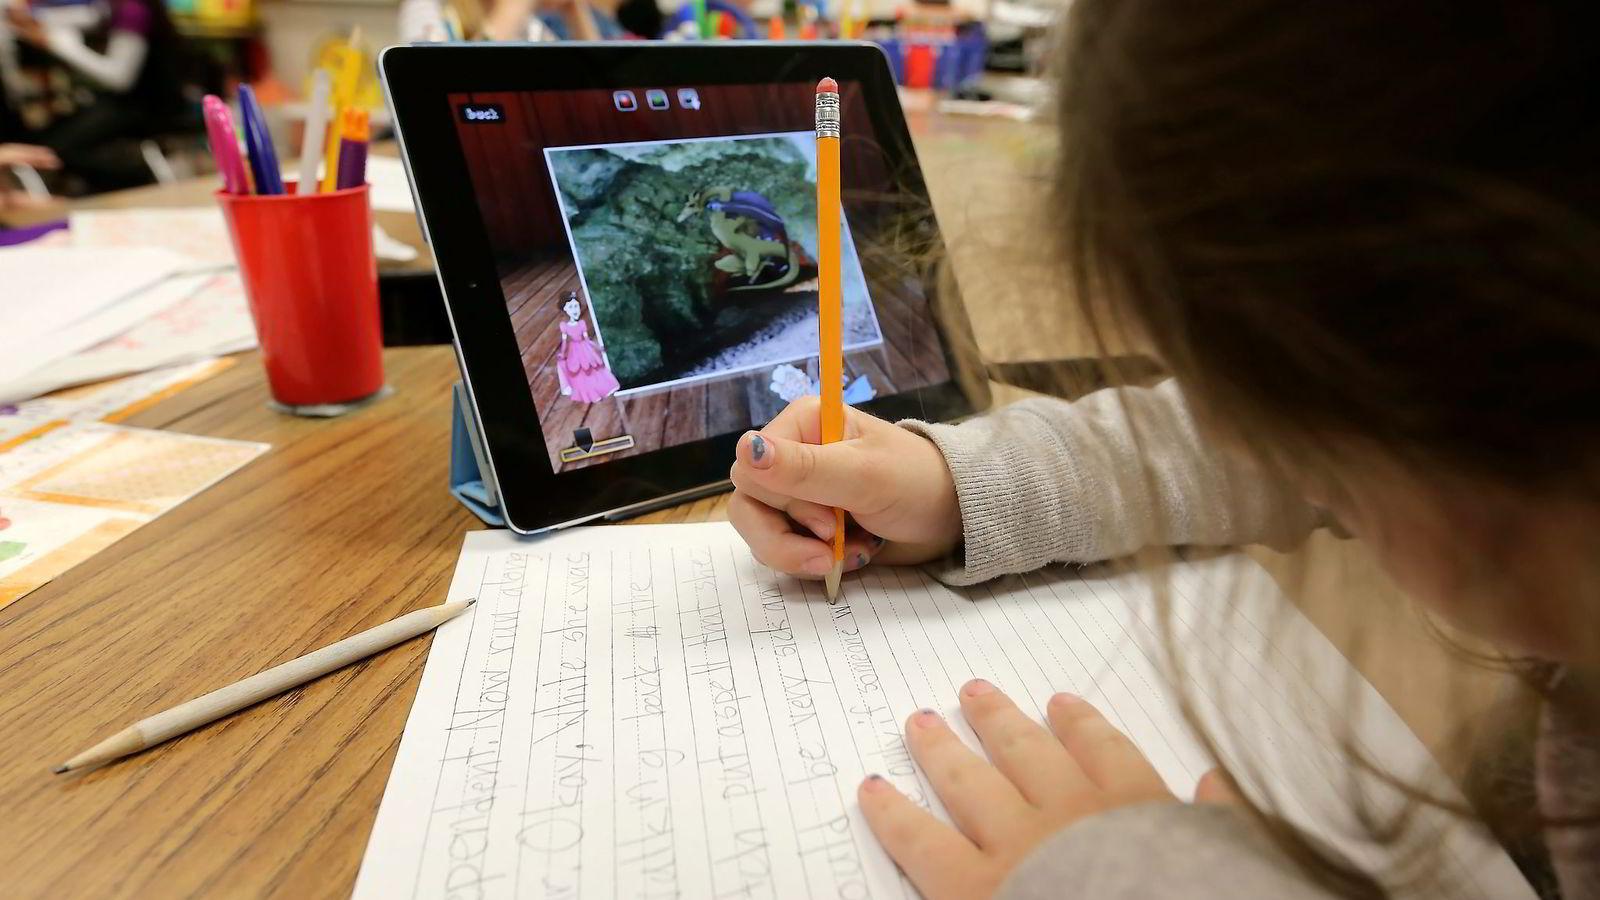 Teknologi kan være virkemiddelet som gir fordypningstrening i undervisningen, skriver artikkelforfatteren. Foto: Bloomberg News